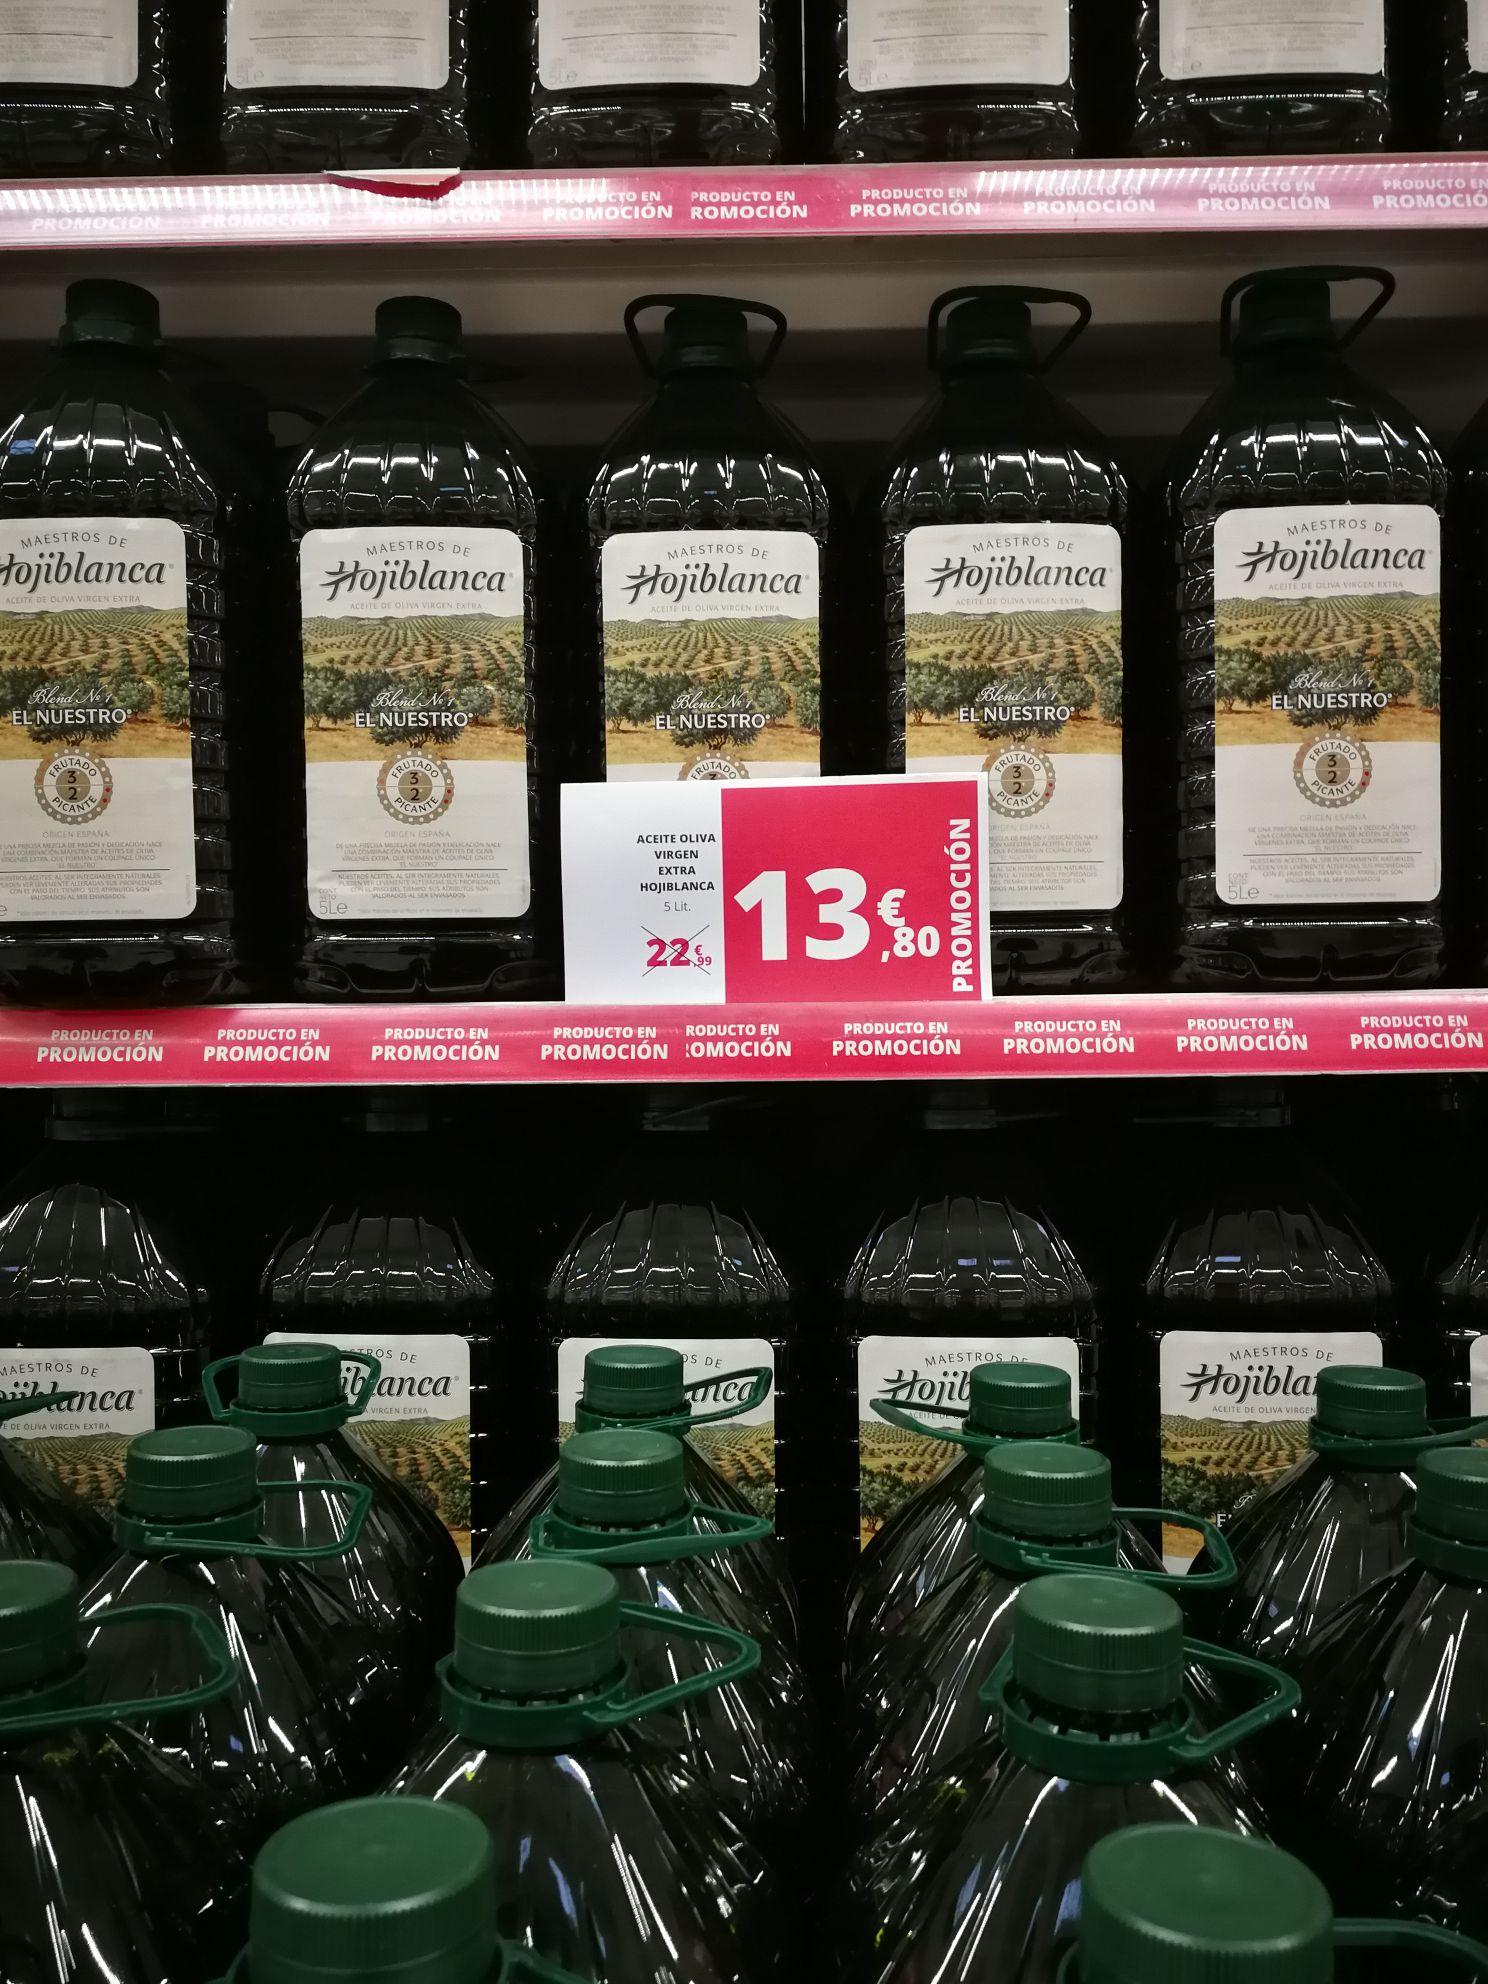 Aceite oliva virgen extra Hojiblanca